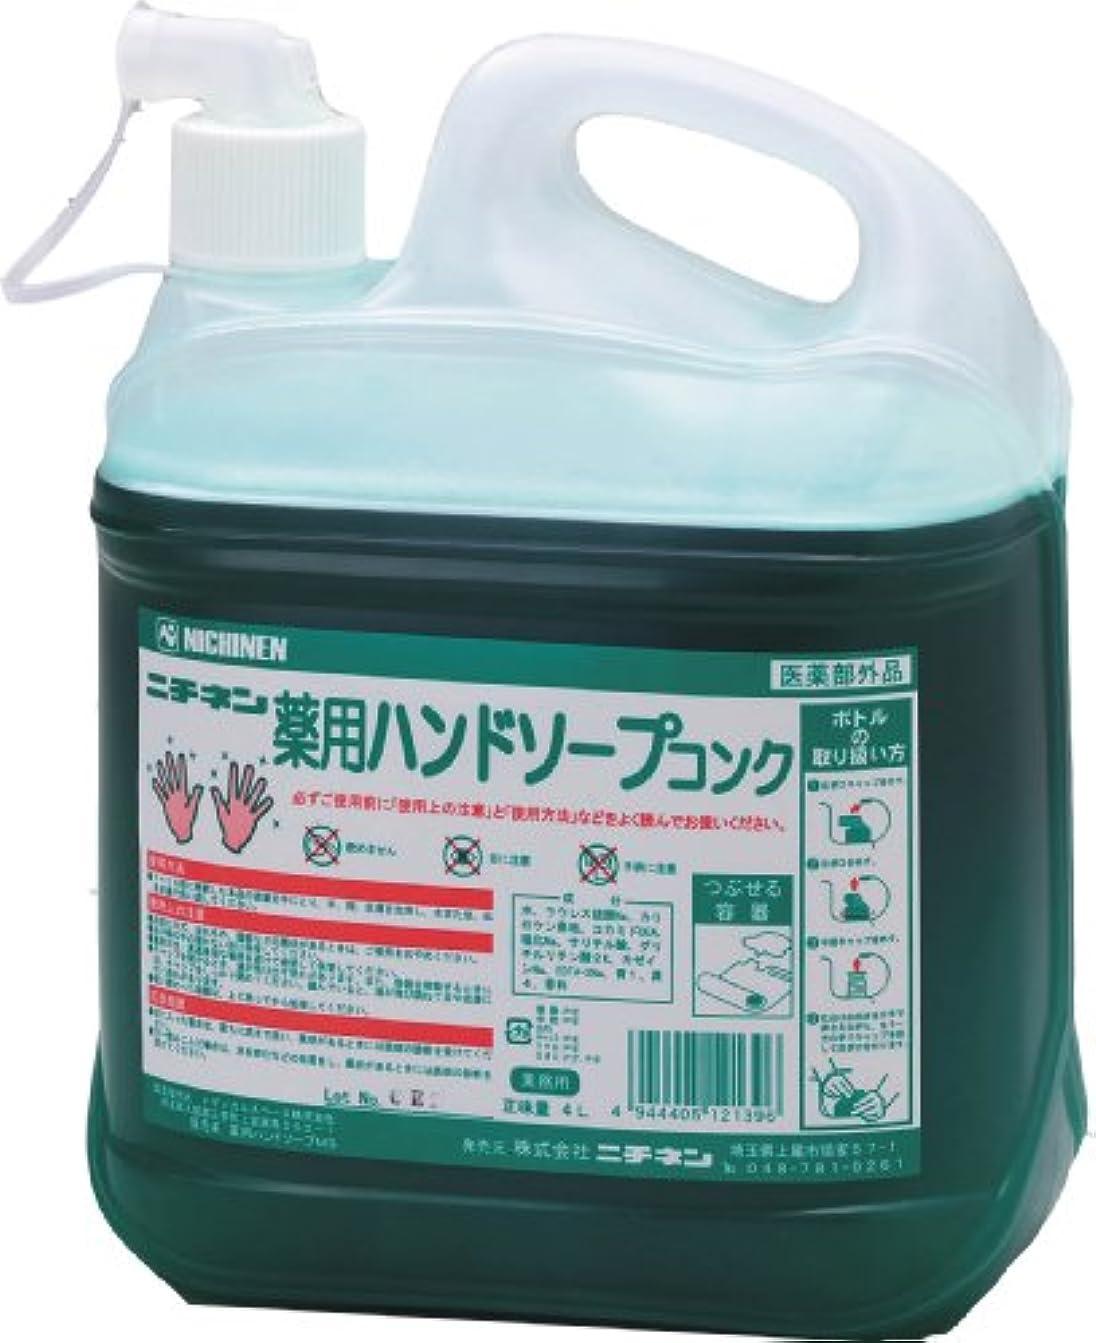 汚れた最適伝染性のニチネン 7倍濃縮 業務用 薬用ハンドソープ  4L×4本入